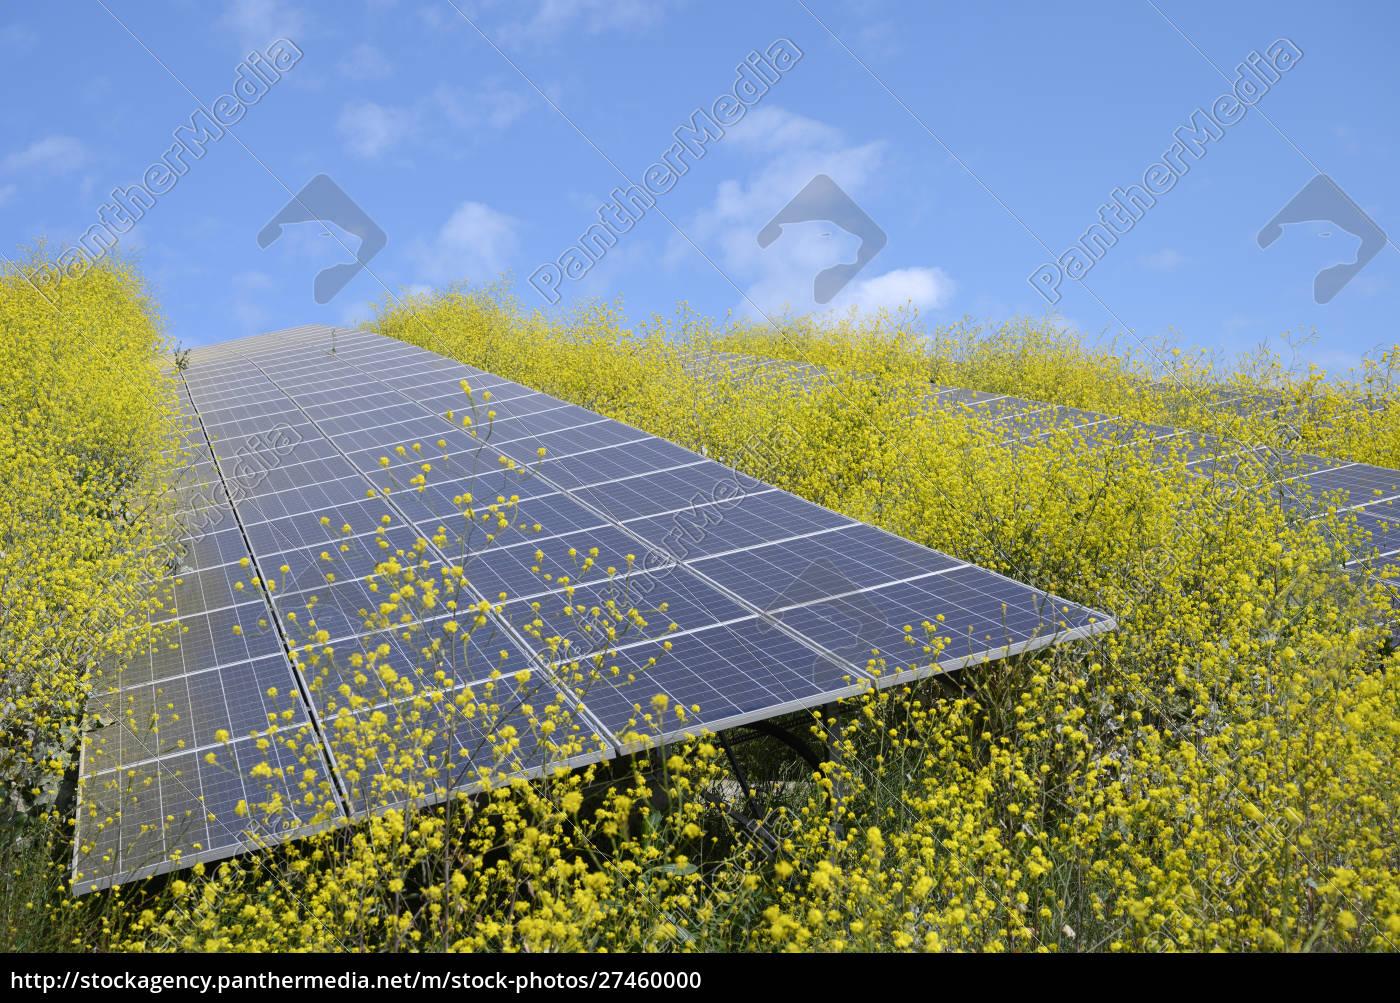 sonnenkollektoren, umgeben, von, senfpflanzen, im, solarpark, geldermalsen, gelderland, niederlande - 27460000